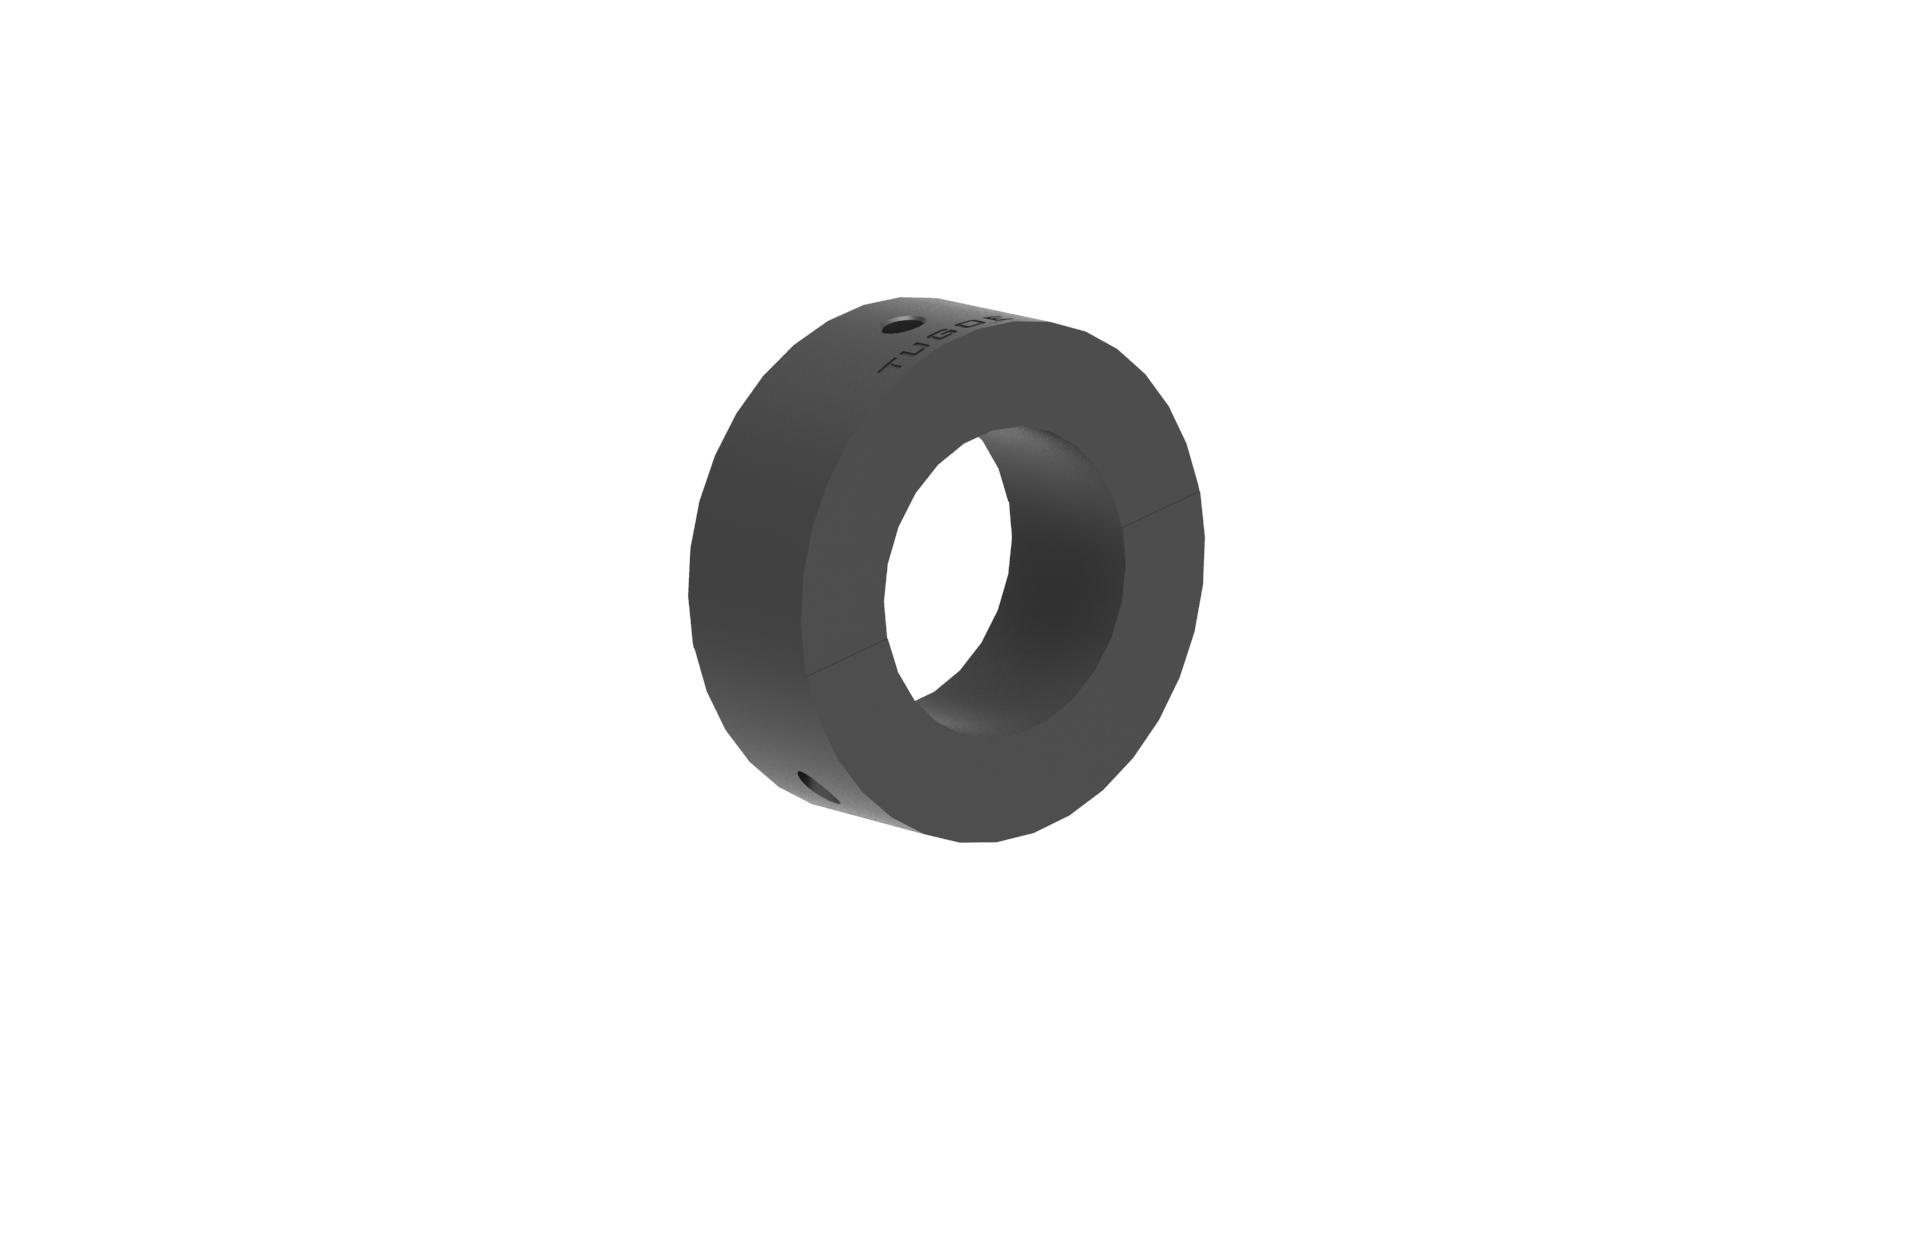 厂家直销O型一体式保温管束P型保温管束P型管卡各类型号